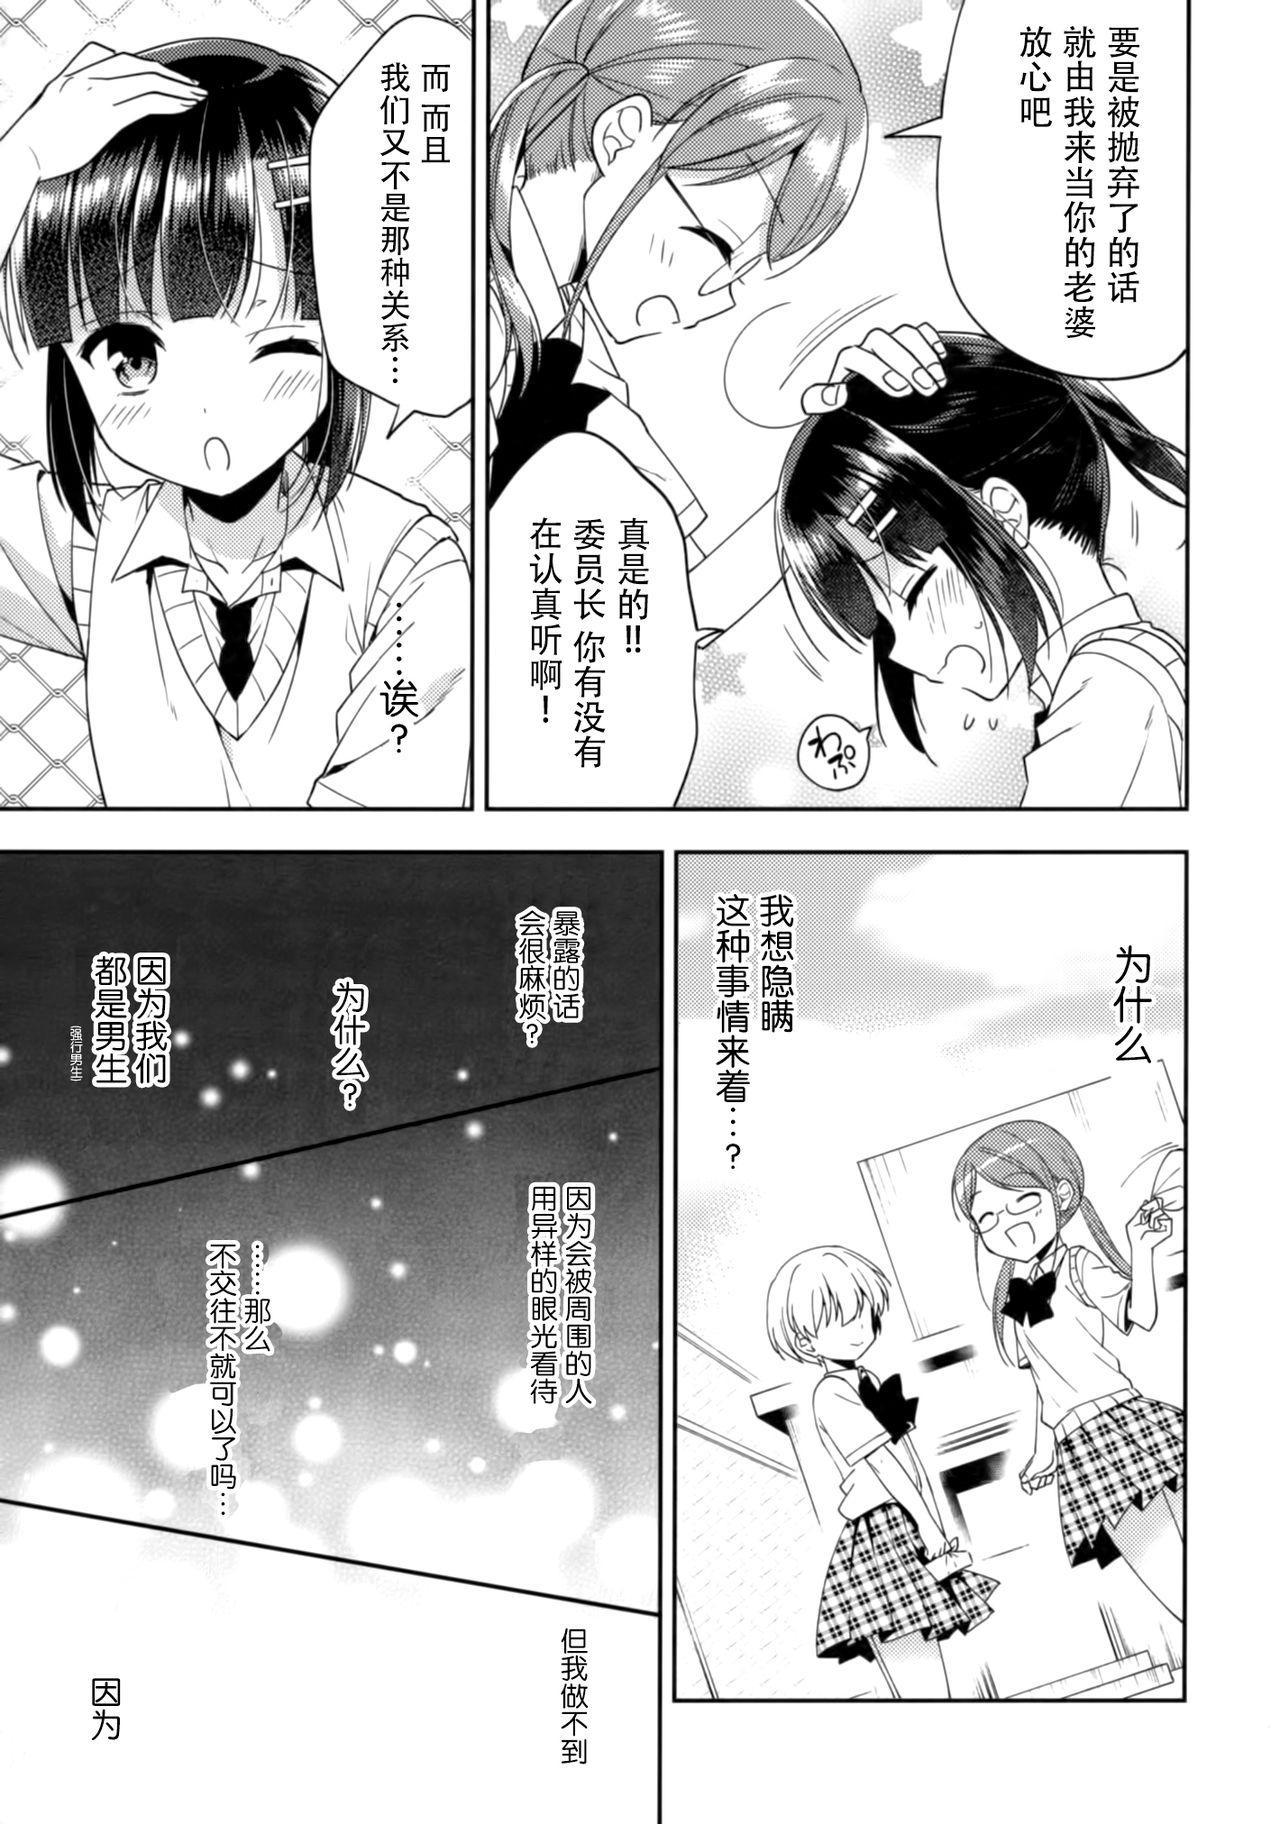 Dousei Hajimemashita 5 16